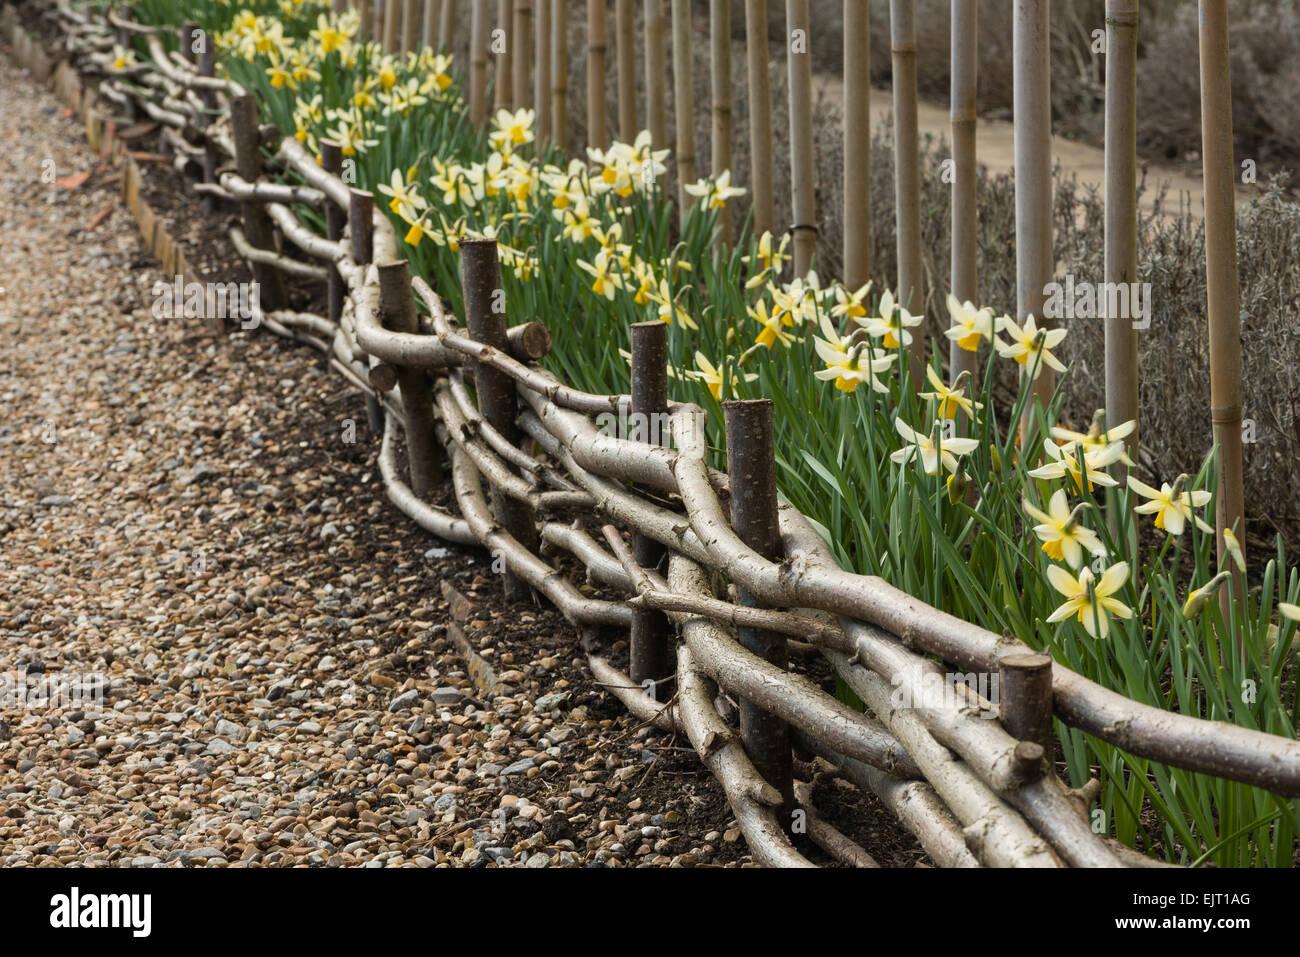 Nutzung Der Verfing Haselnuss Filialen Gewundenen Kleinen Zaun